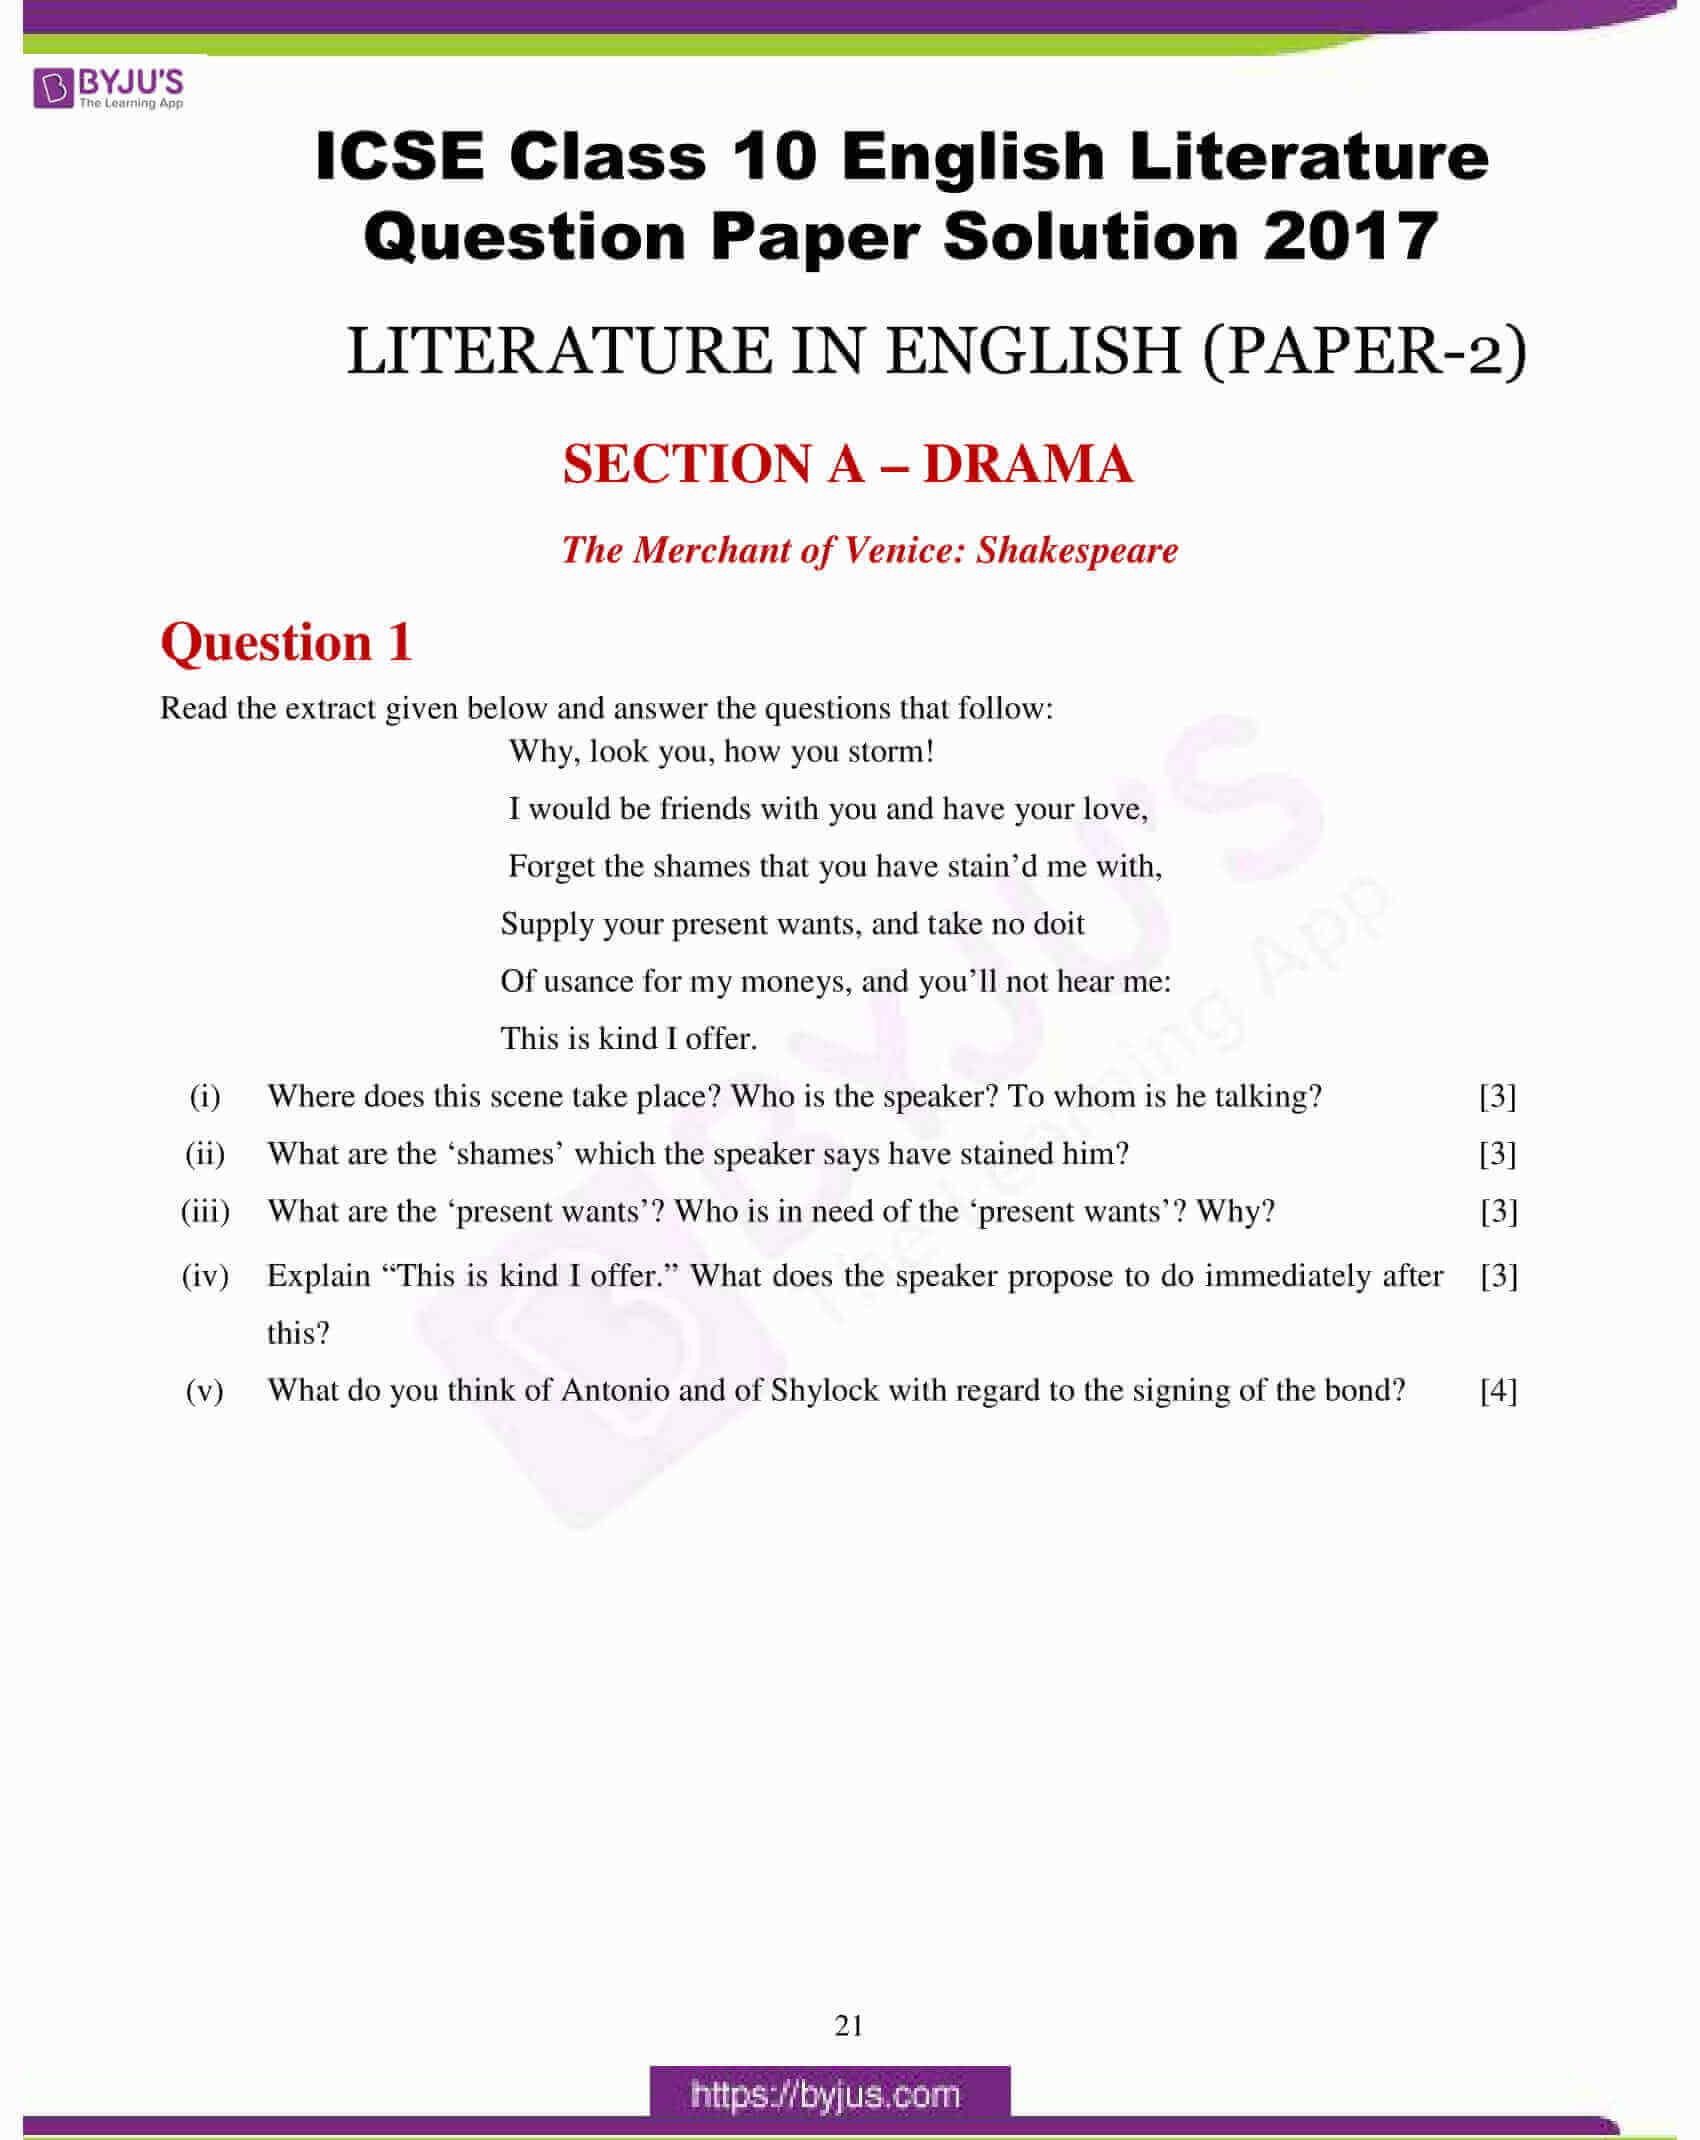 icse class 10 eng lit question paper solution 2017 01